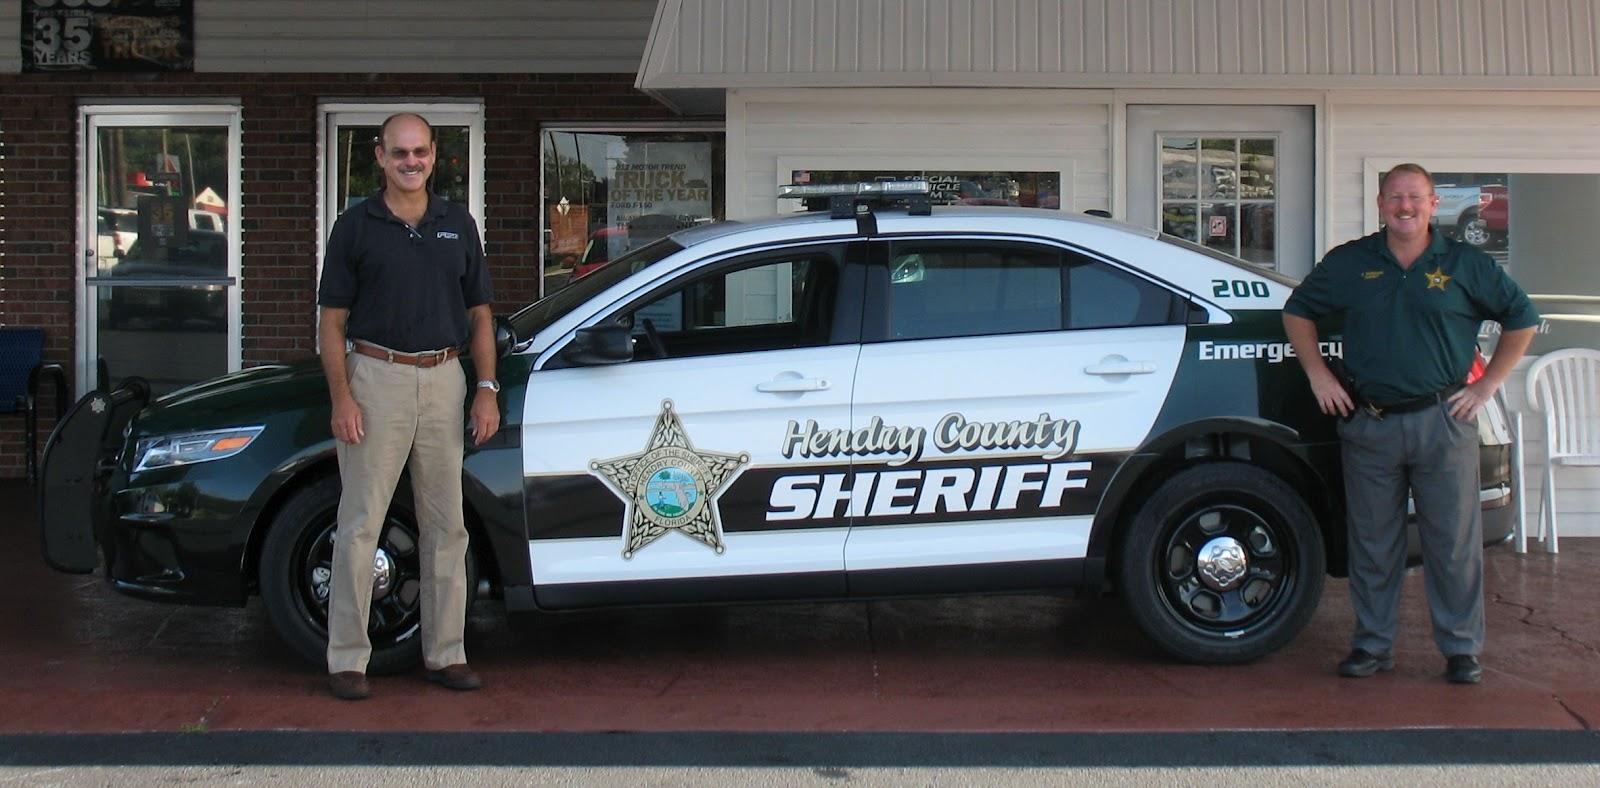 Southwest Florida Online - Sunday Morning News: 10 New ...